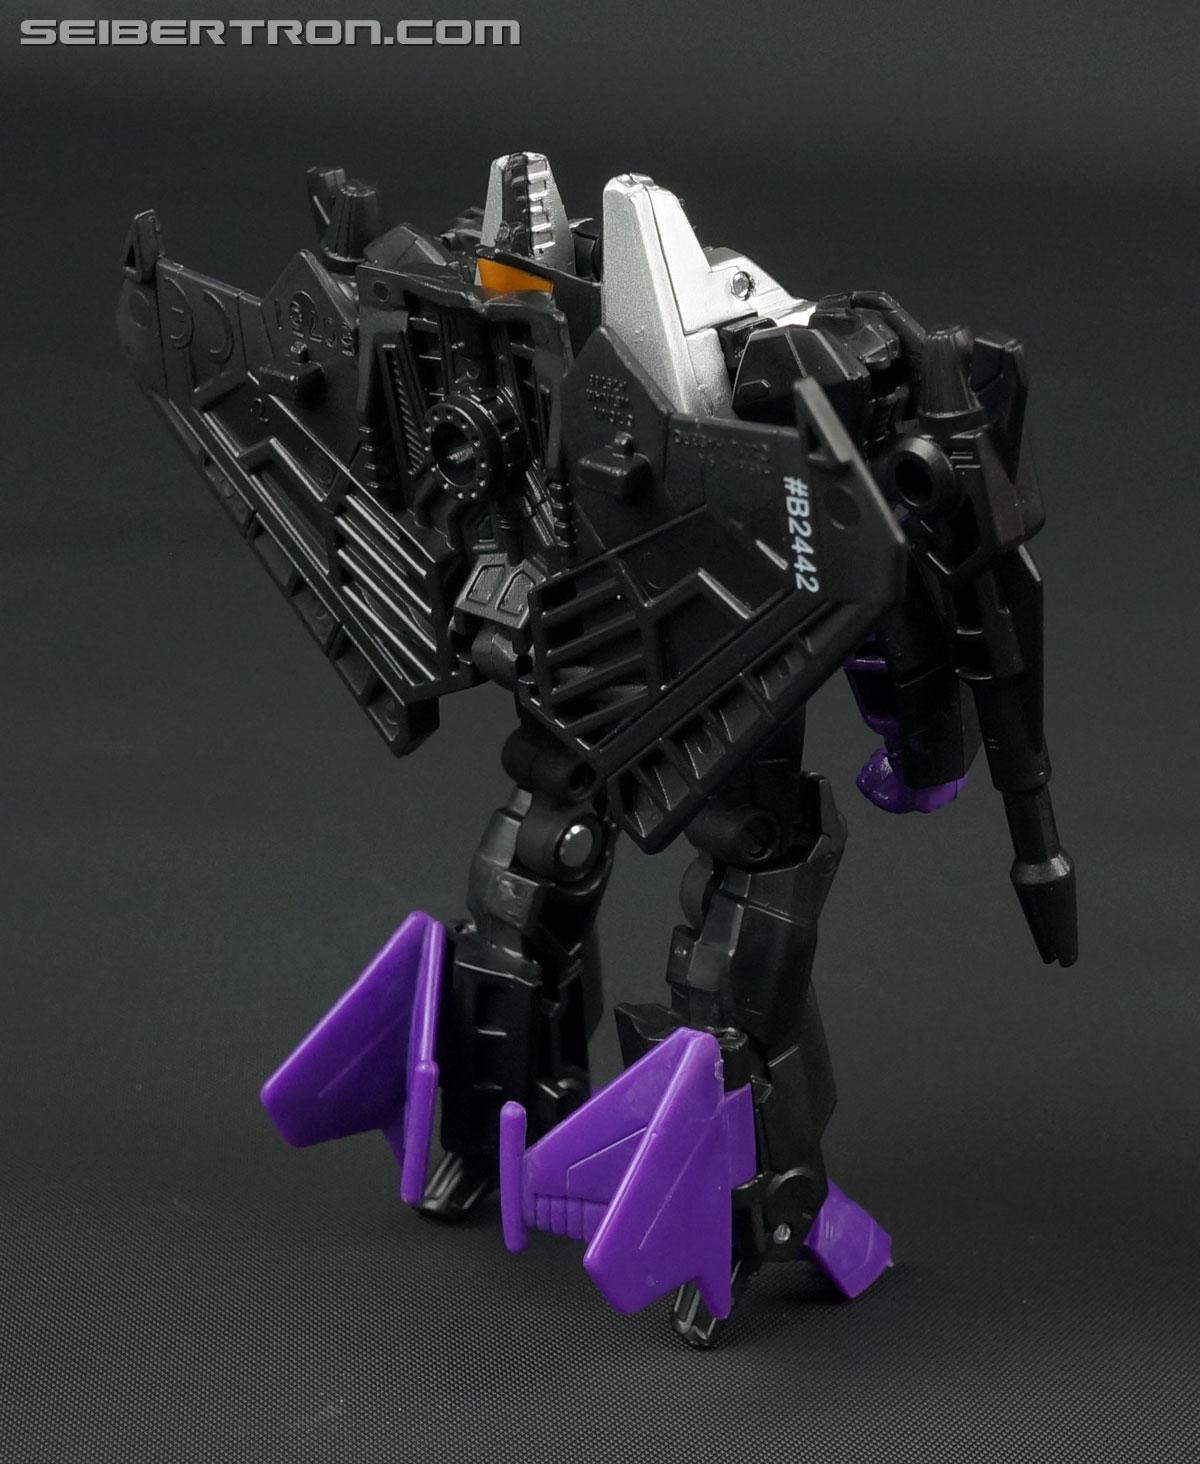 Transformers Generations Combiner Wars Skywarp (Image #53 of 105)